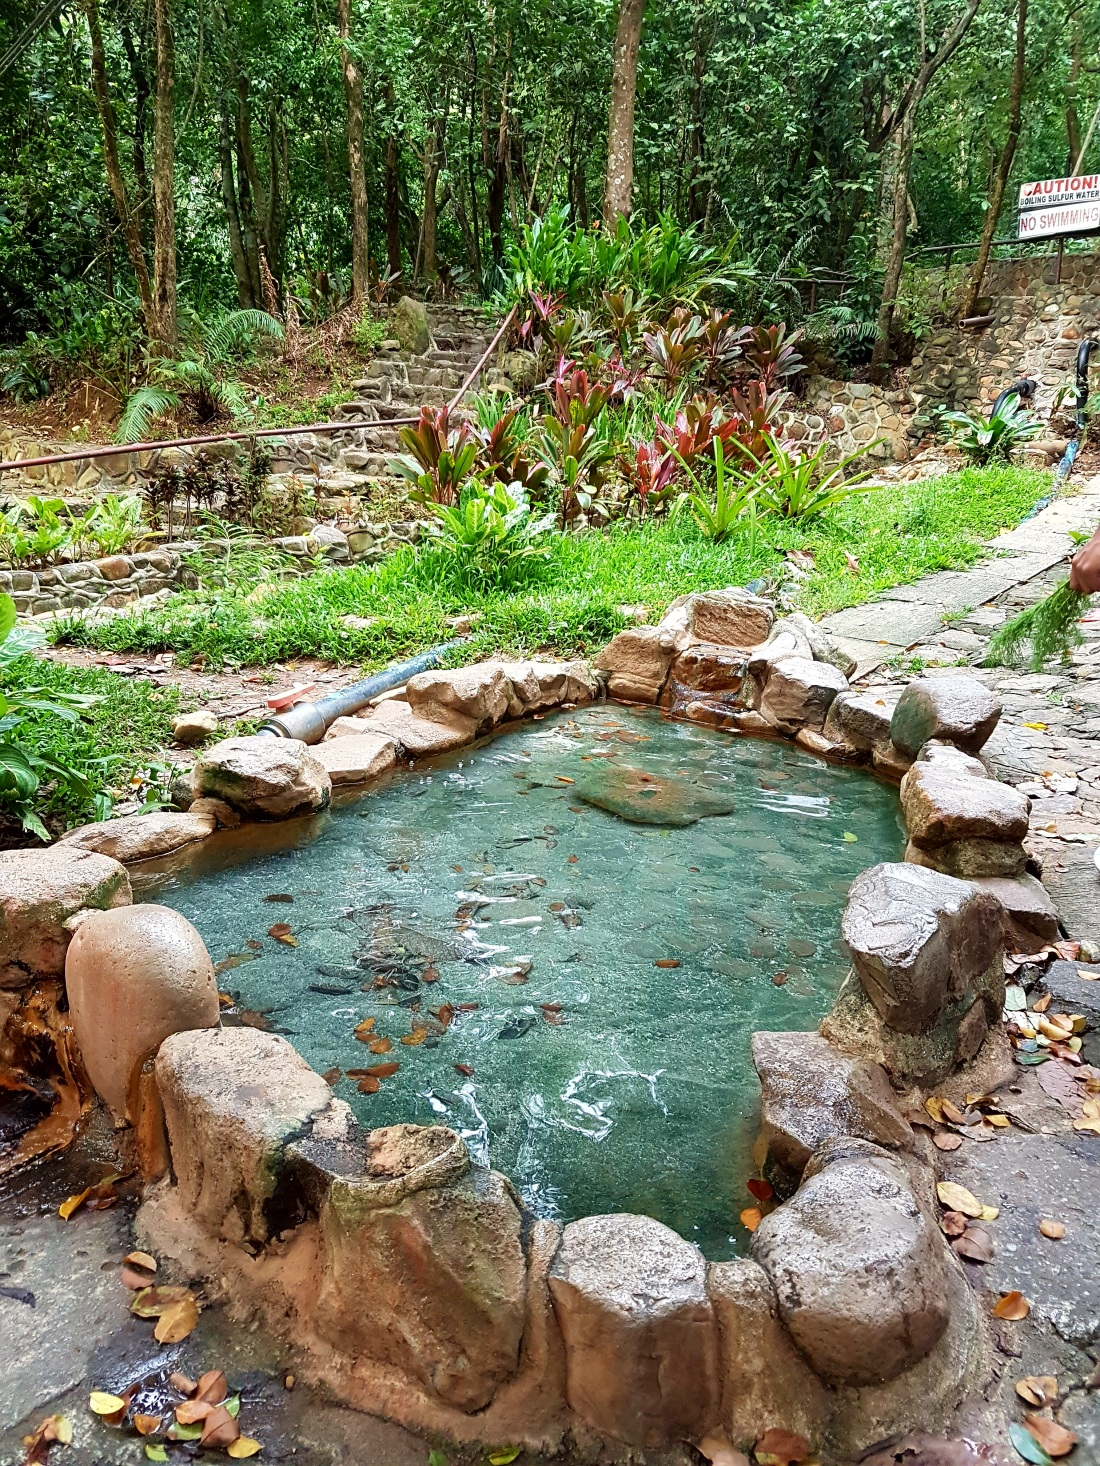 Mt. Kanlaon sulfur pool